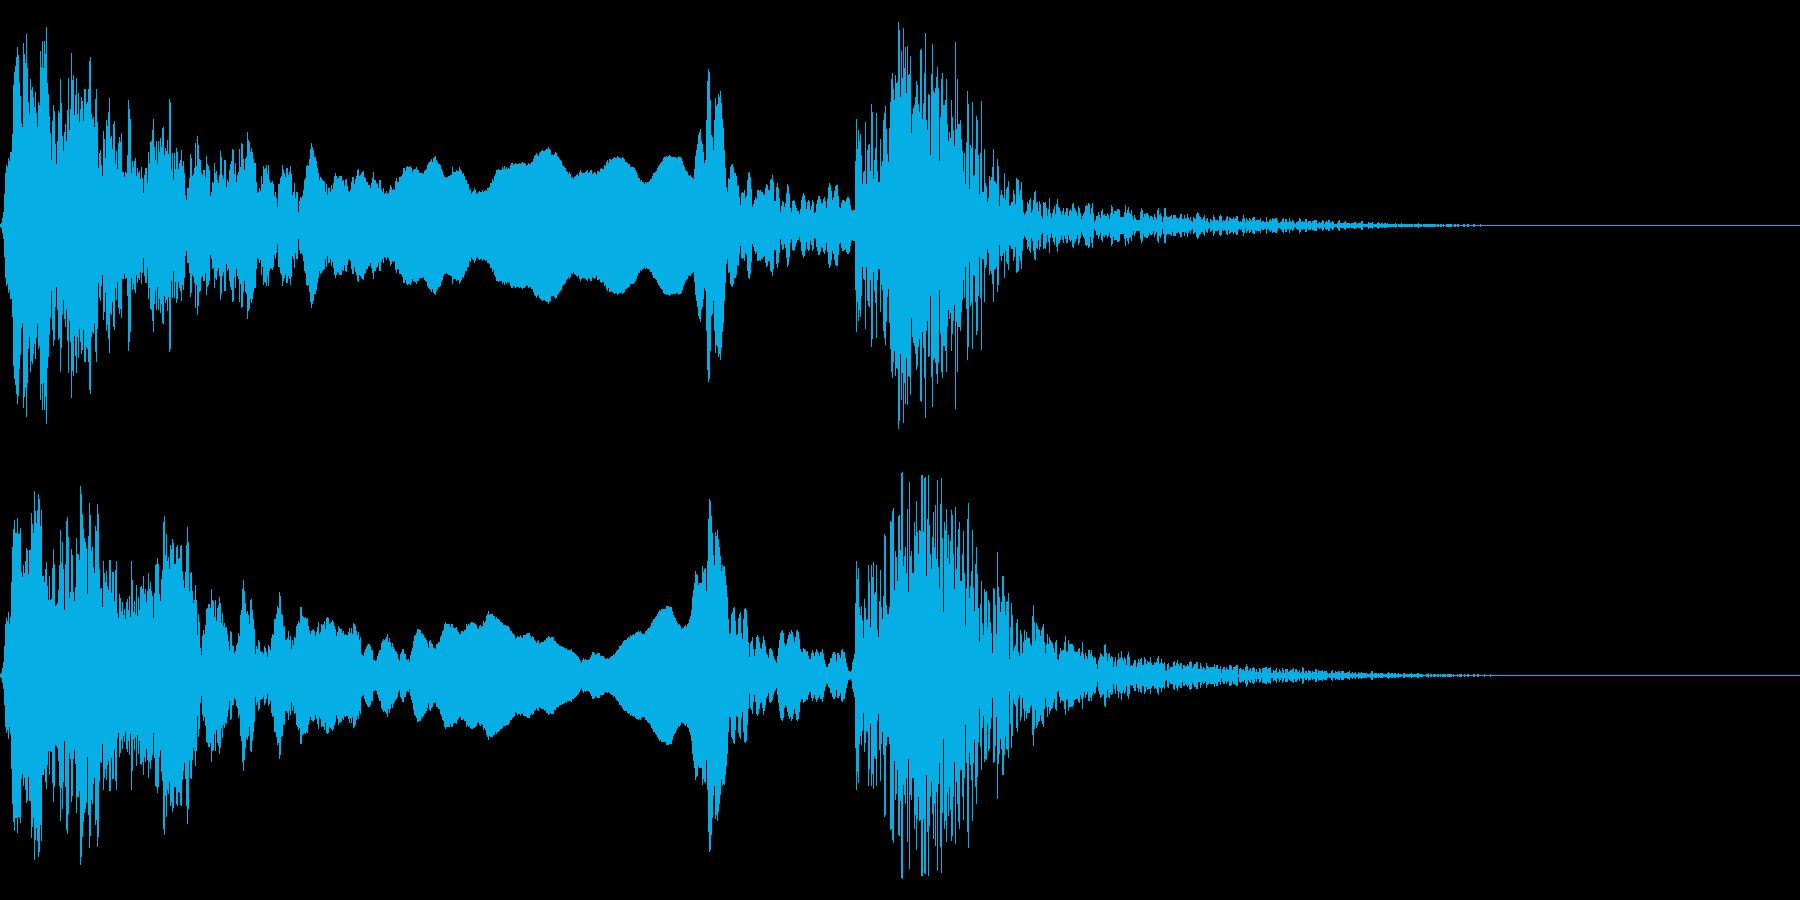 和風な歌舞伎の笛(能管)太鼓インパクト5の再生済みの波形